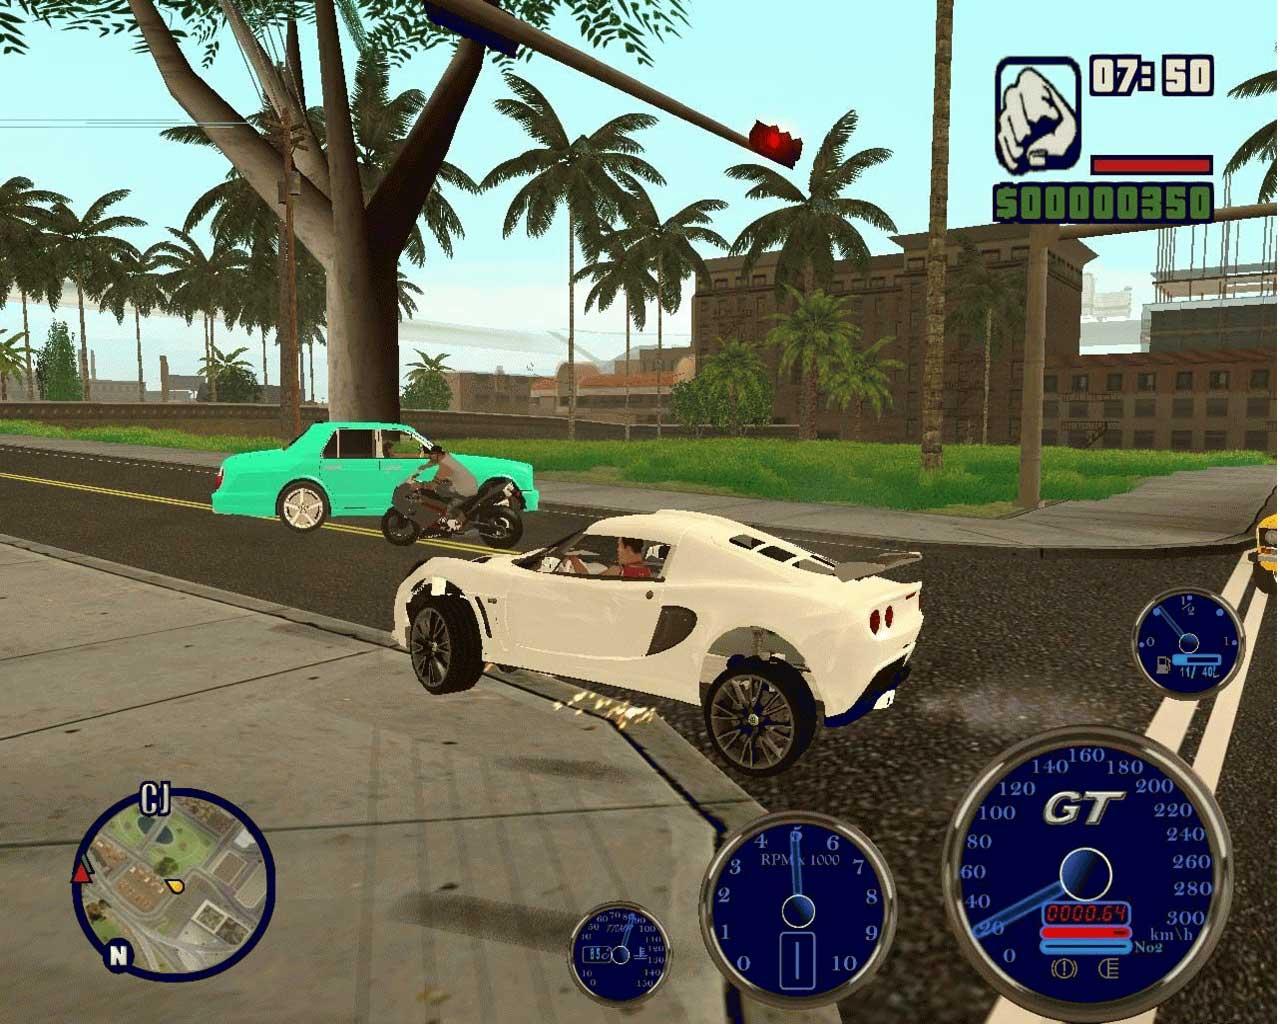 GTA San Andreas Free Game Download Full Version